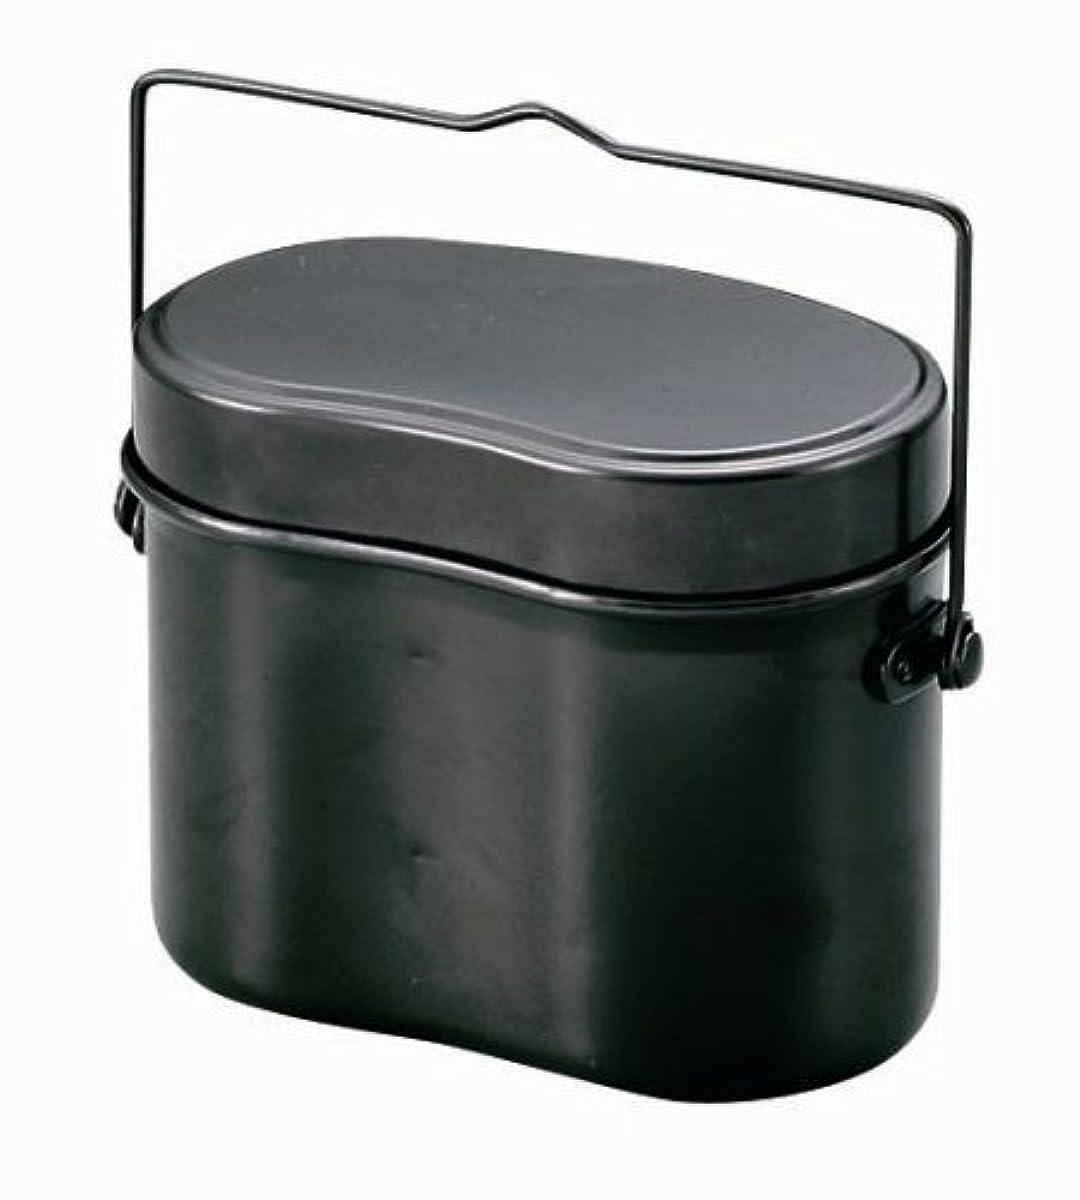 [해외] 캡틴 스태그CAPTAIN STAG 바베큐 BBQ용 밥솥 임건병 식한 고 4 합성피혁지은 밥M-5545